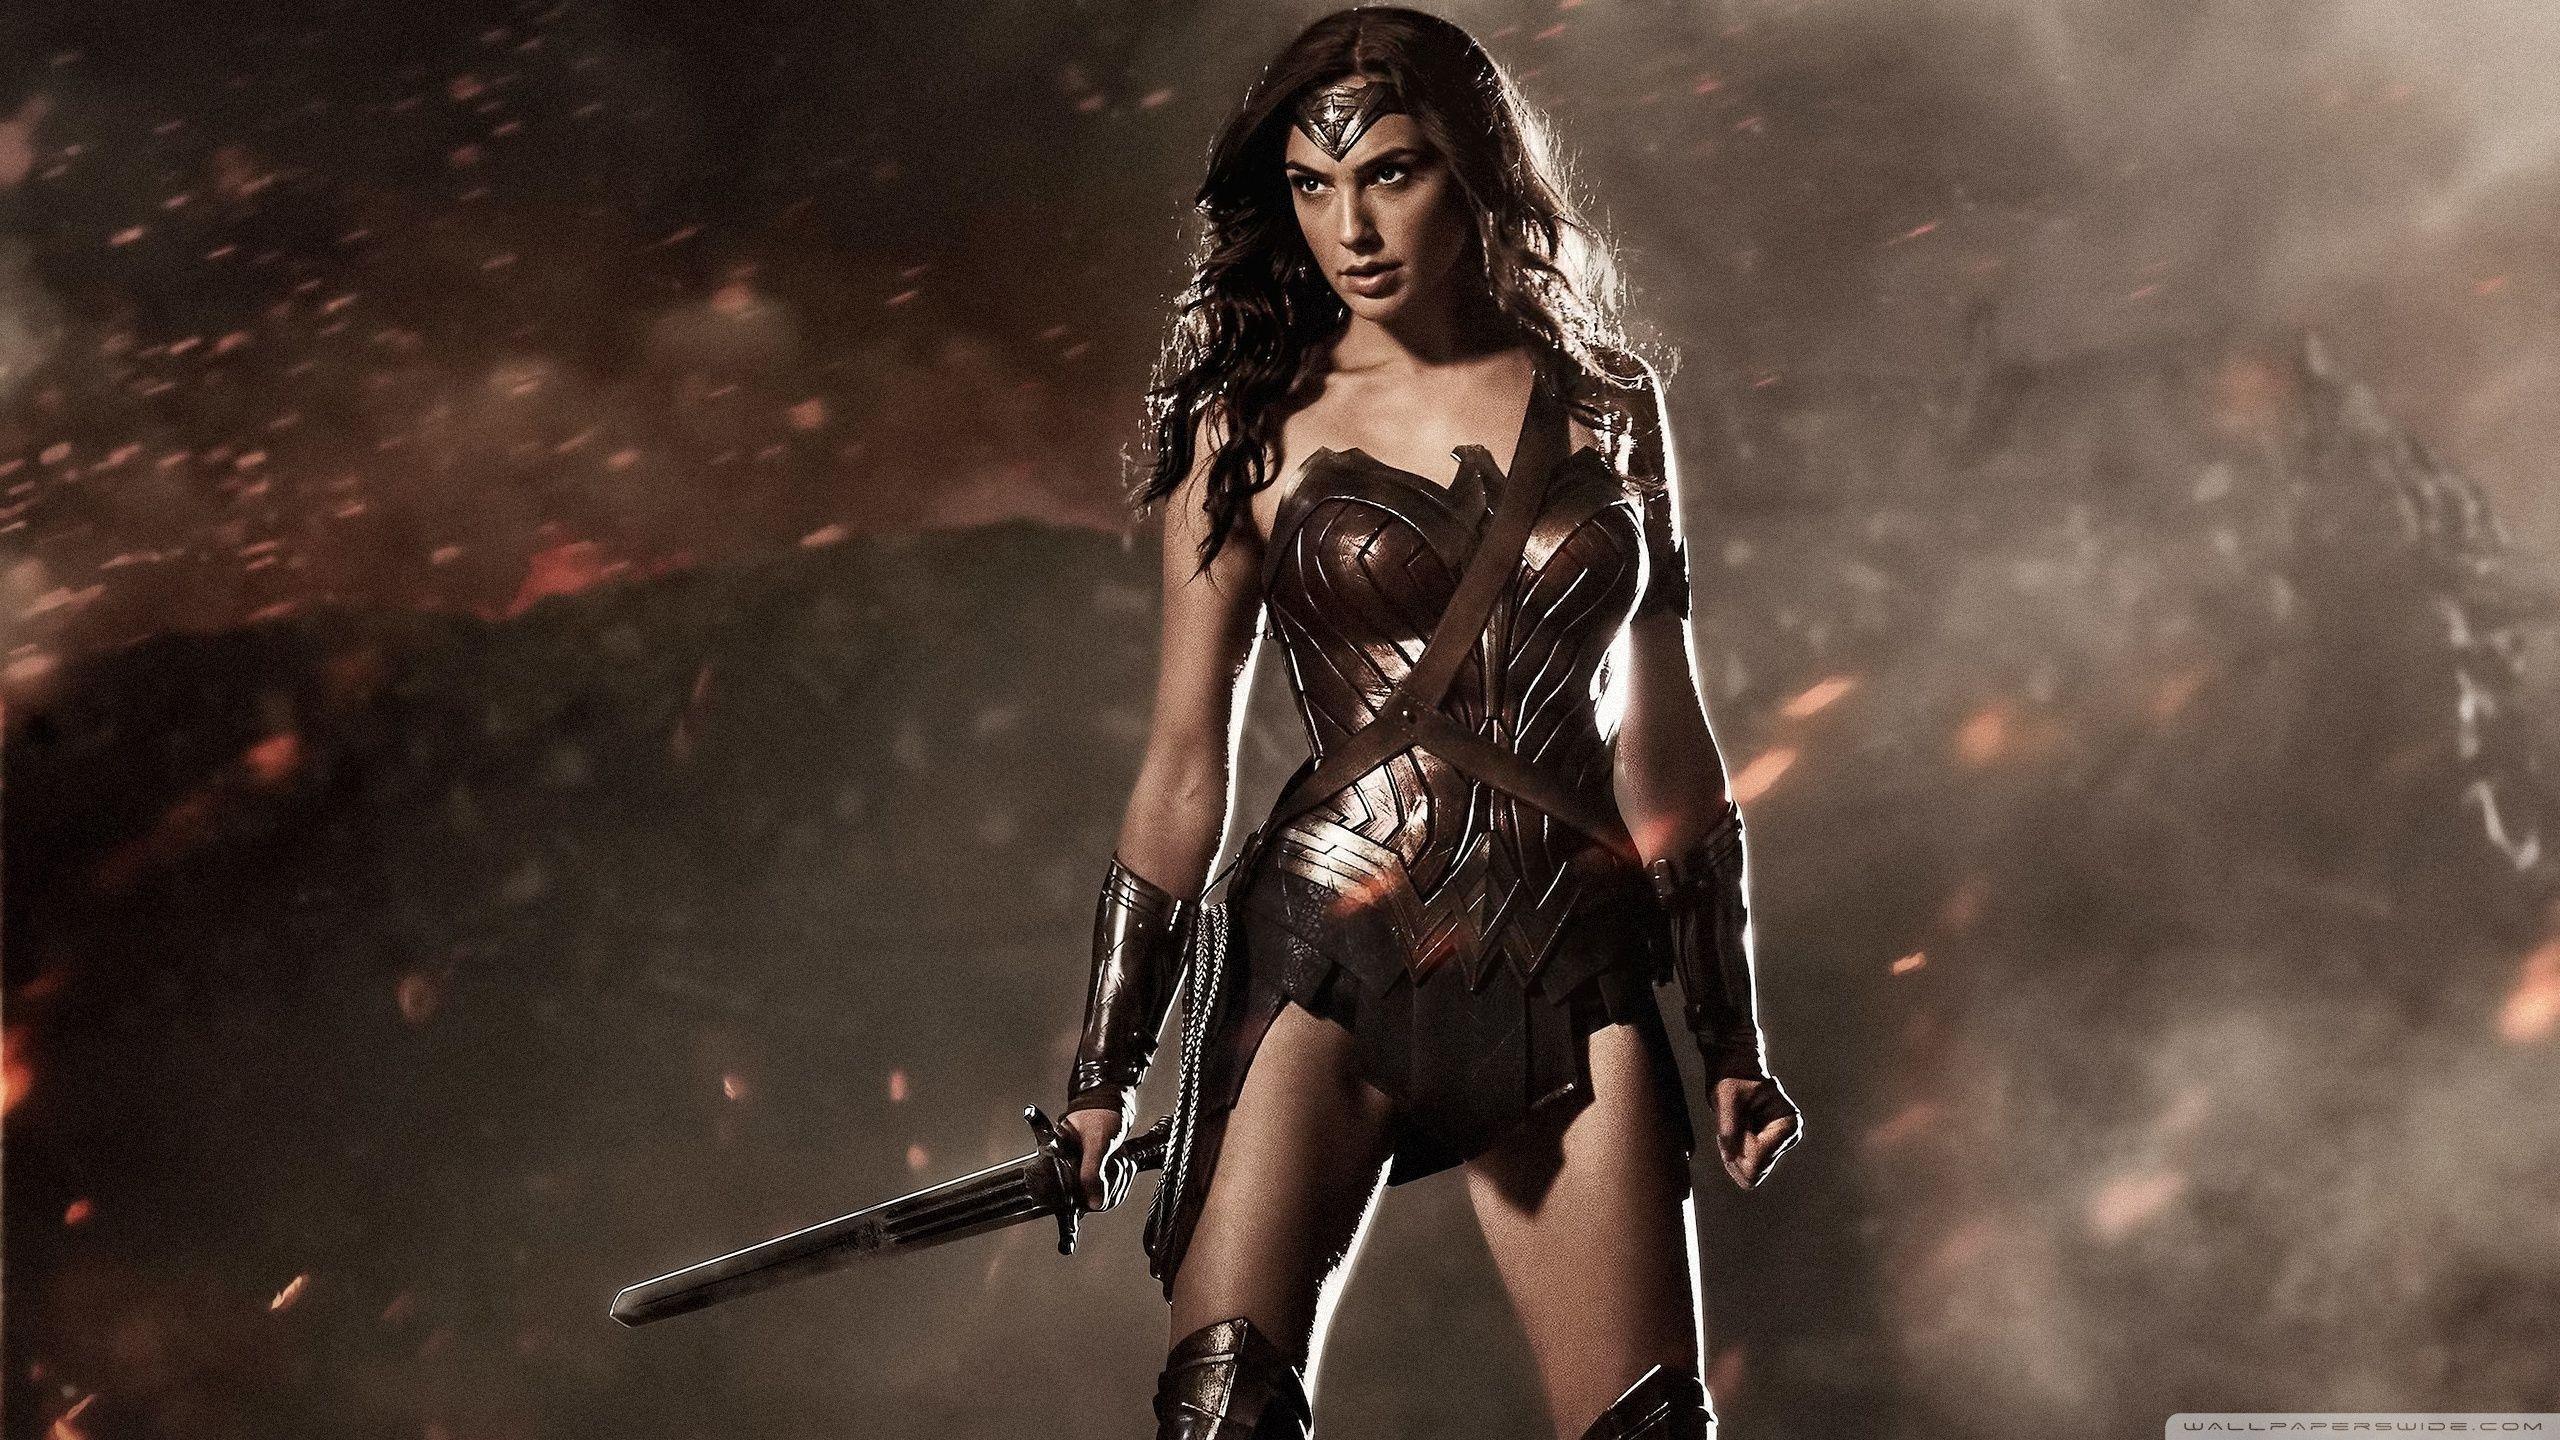 Wonder Woman HD desktop wallpaper : Widescreen : Fullscreen ...